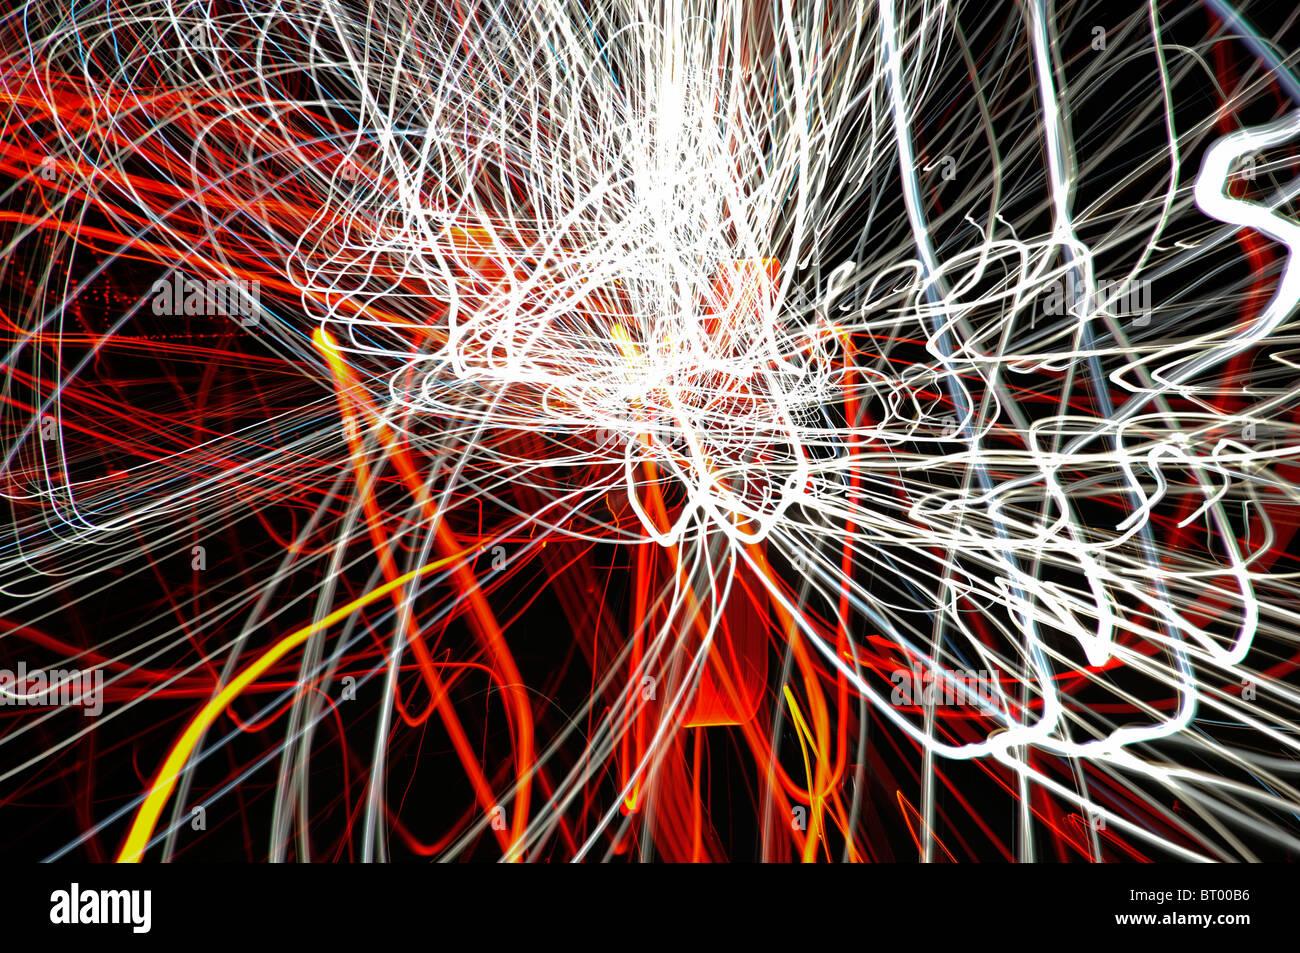 Motifs de lumière abstraite Banque D'Images